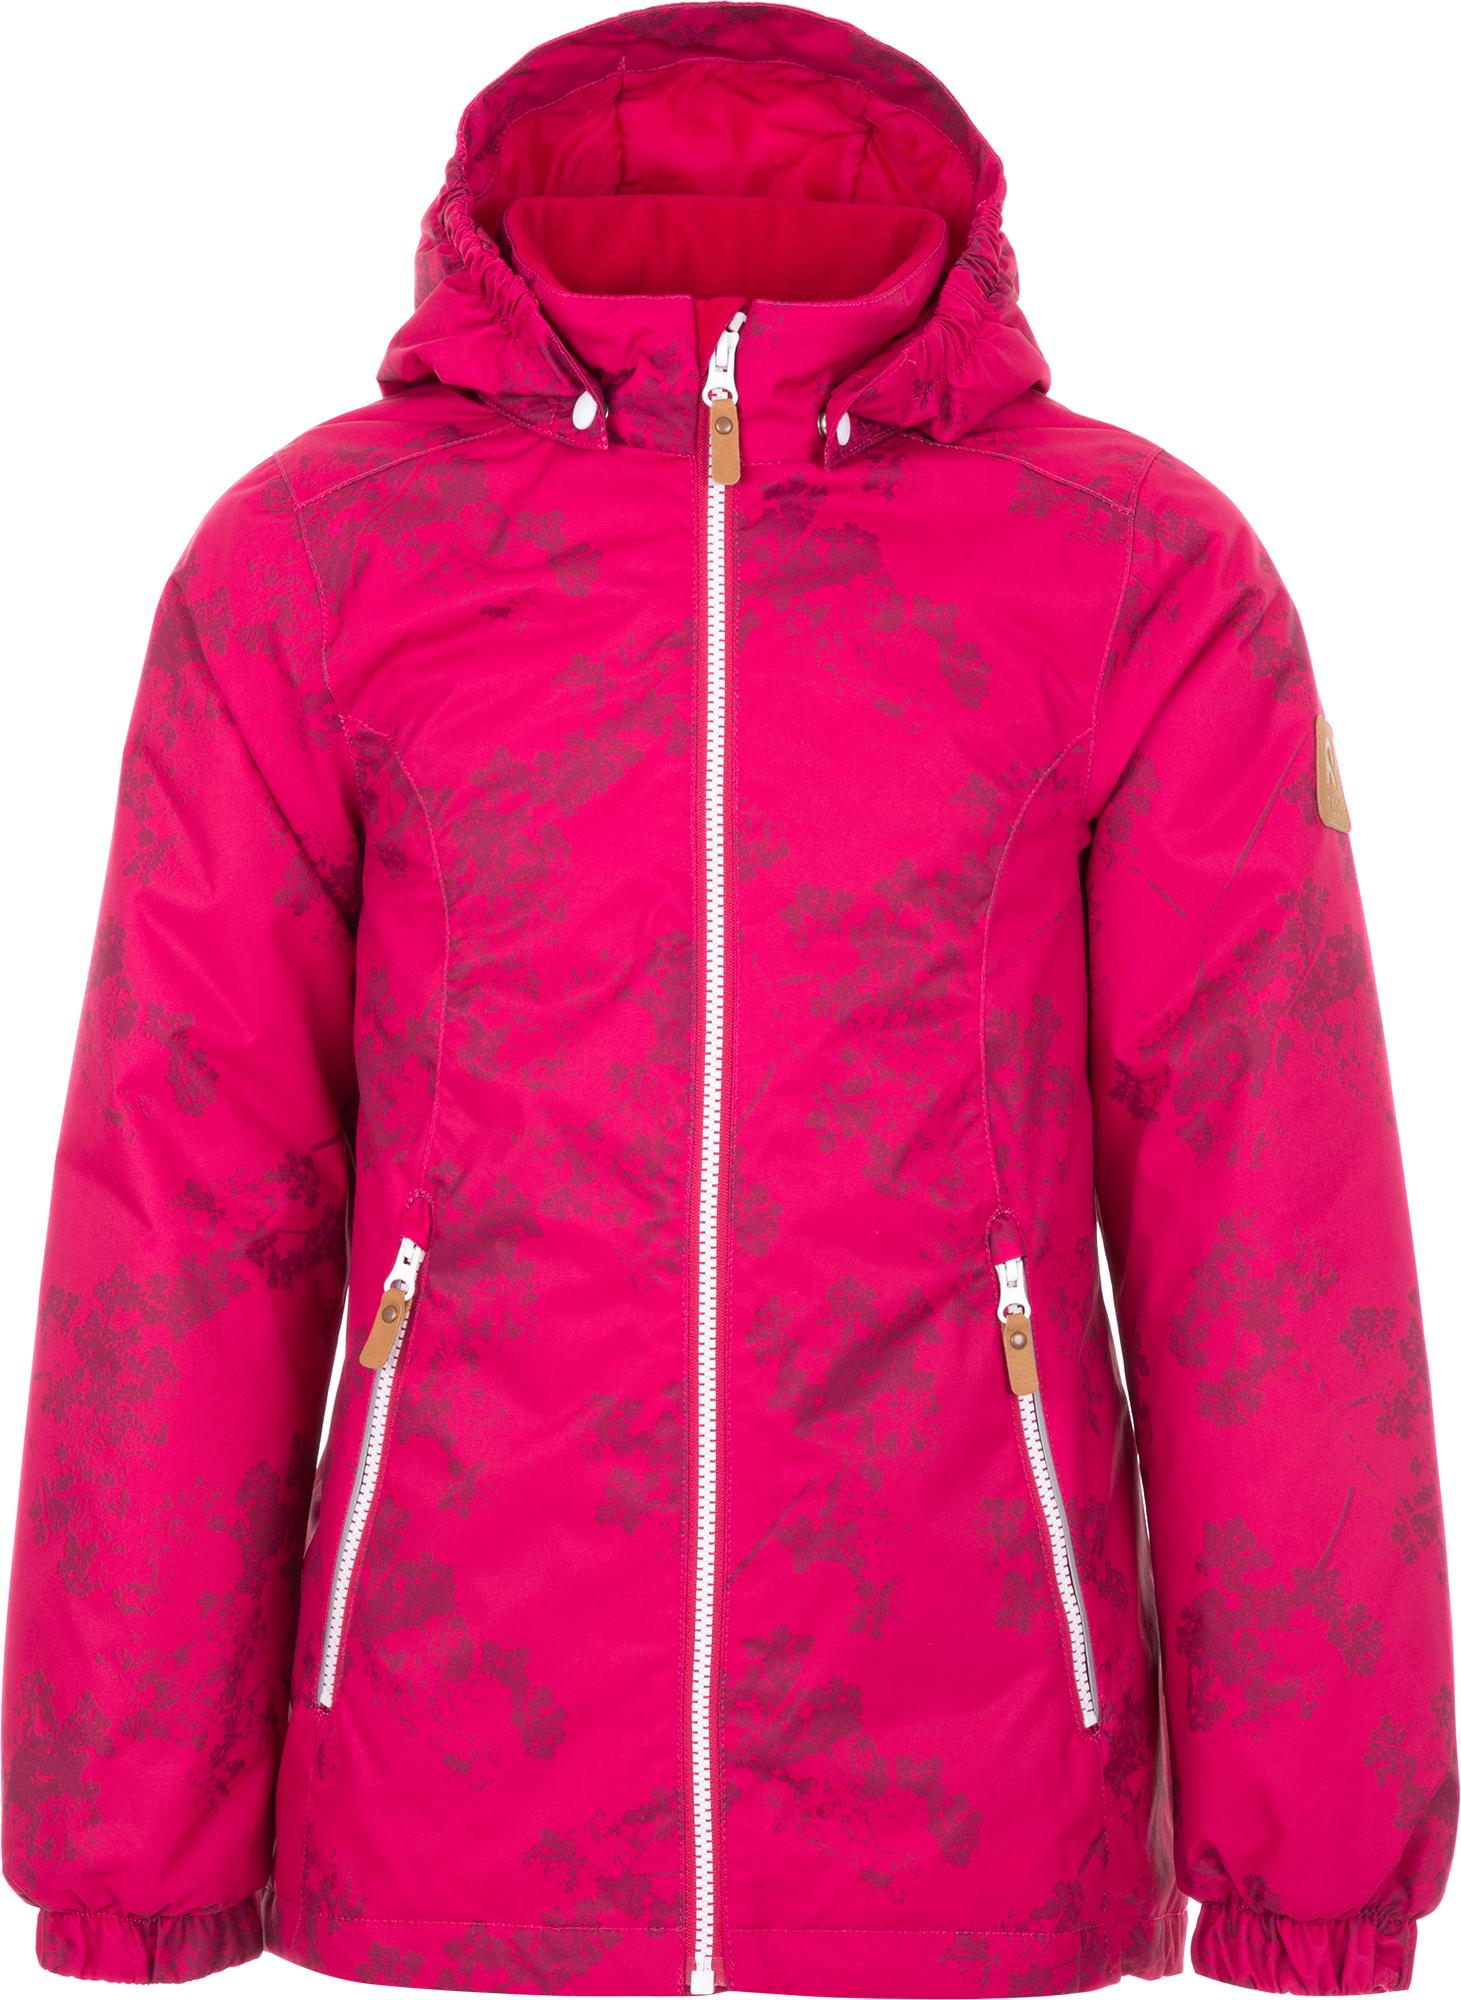 Reima Куртка утепленная для девочек Reima Ovlin, размер 140